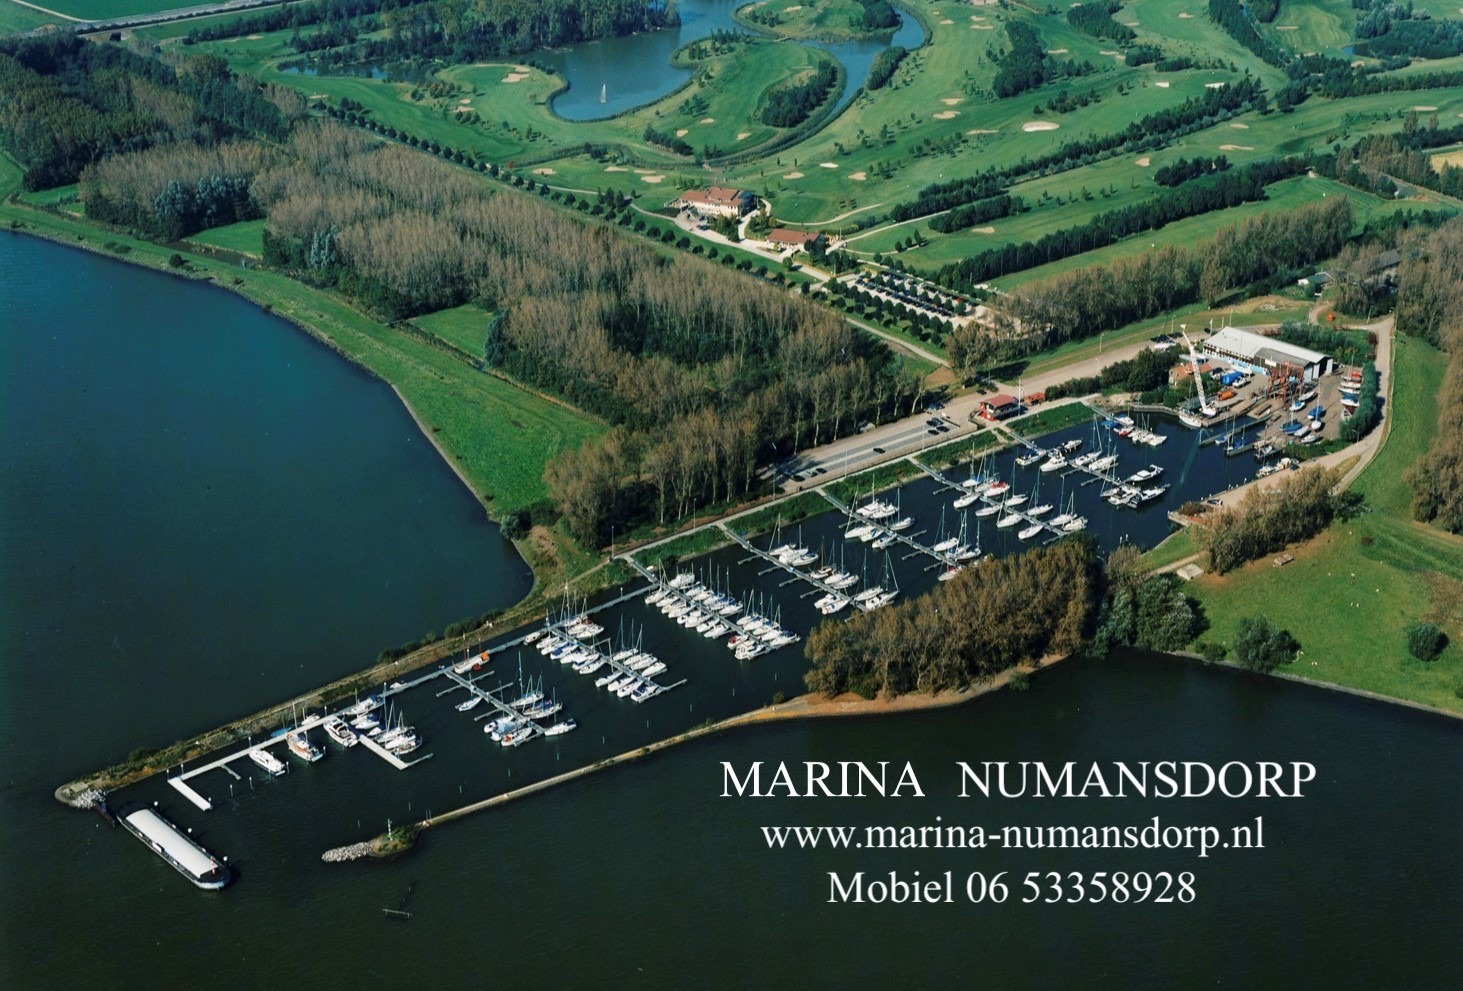 Marina Numansdorp